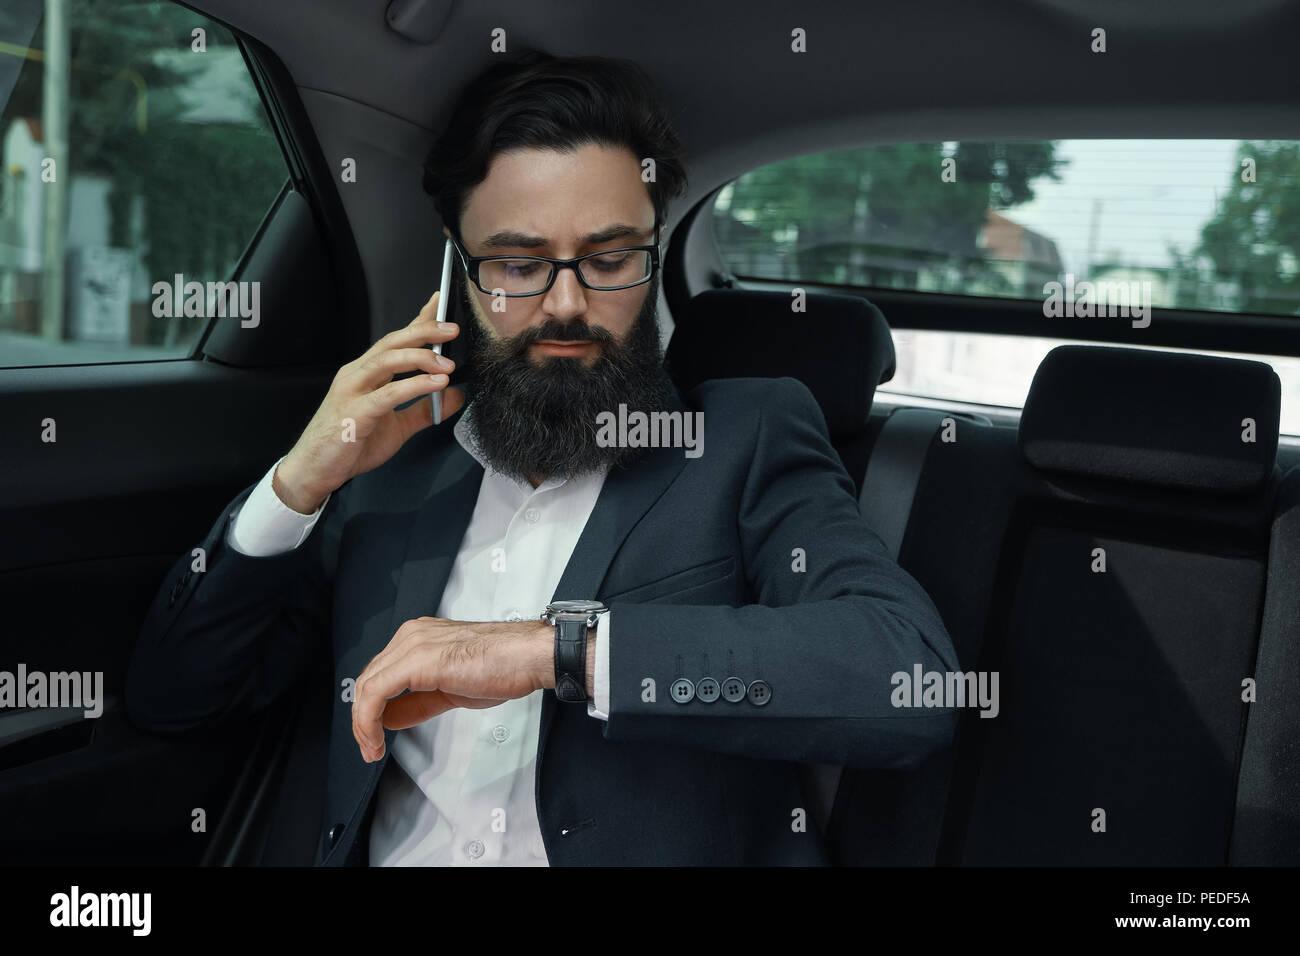 Un imprenditore durante un viaggio in auto nel sedile posteriore utilizzando una sm Immagini Stock